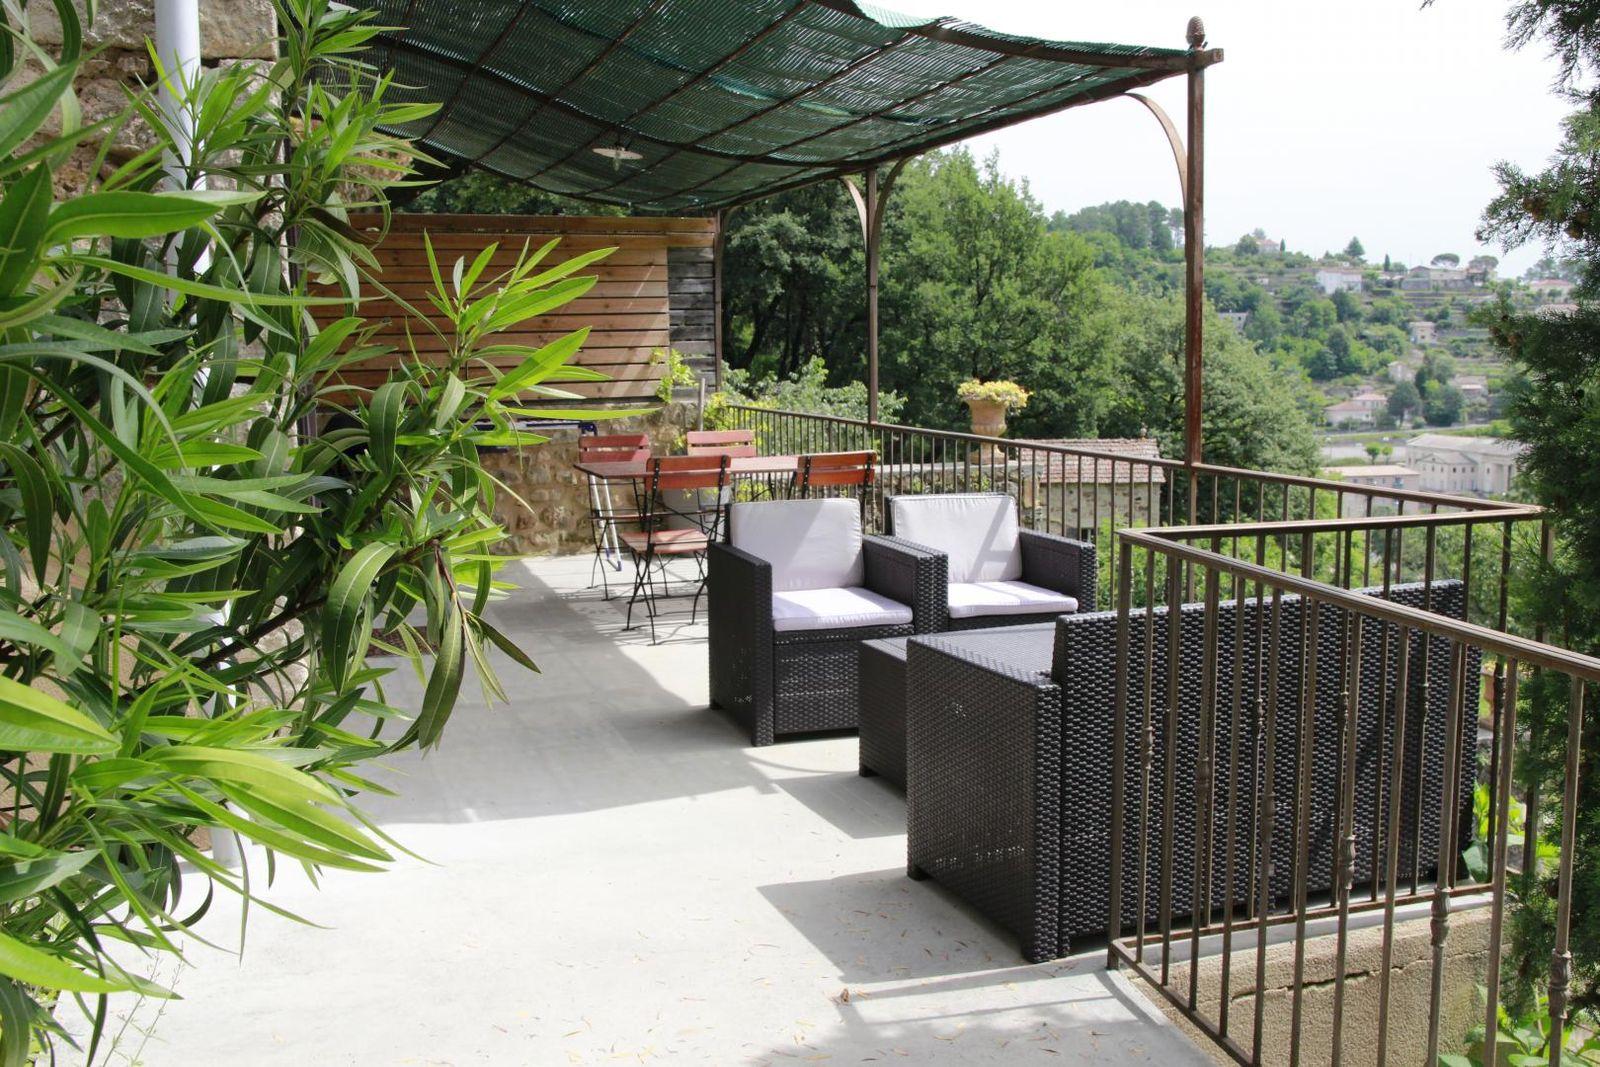 La terrasse panoramique ombragée salon de jardin et plancha..